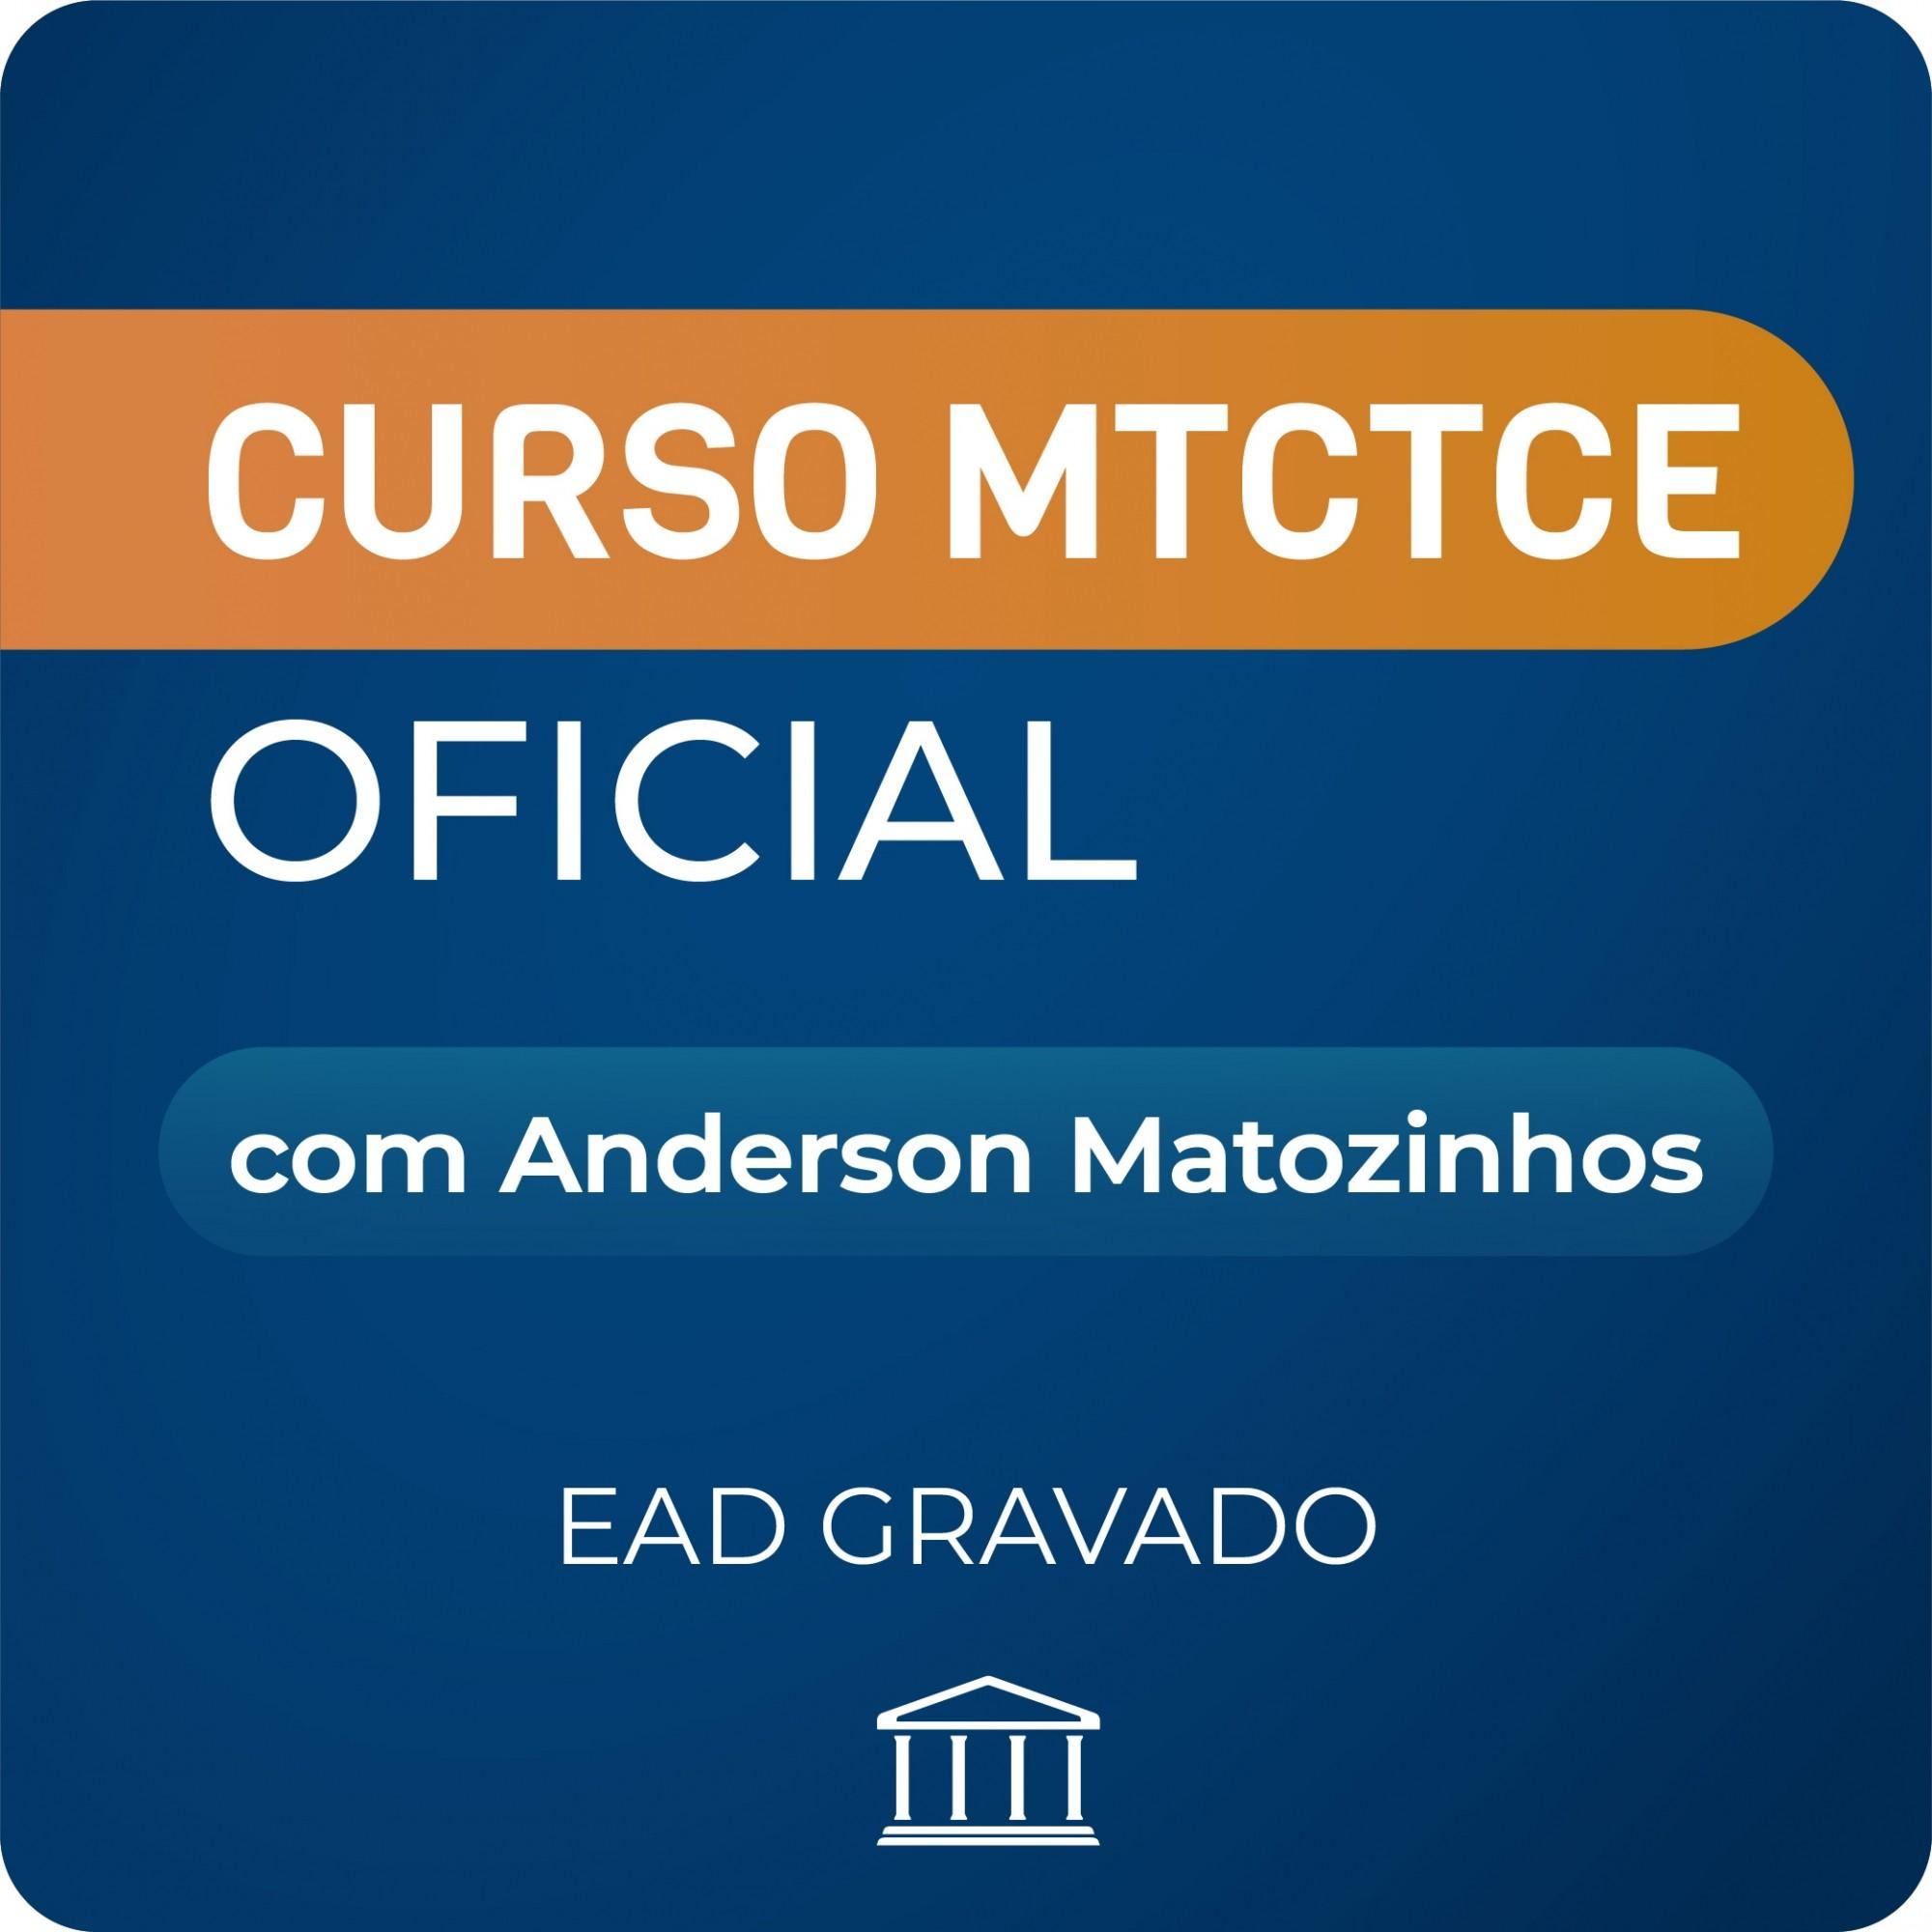 Curso MTCTCE com Anderson Matozinhos - GRAVADO  - Voz e Dados Academy